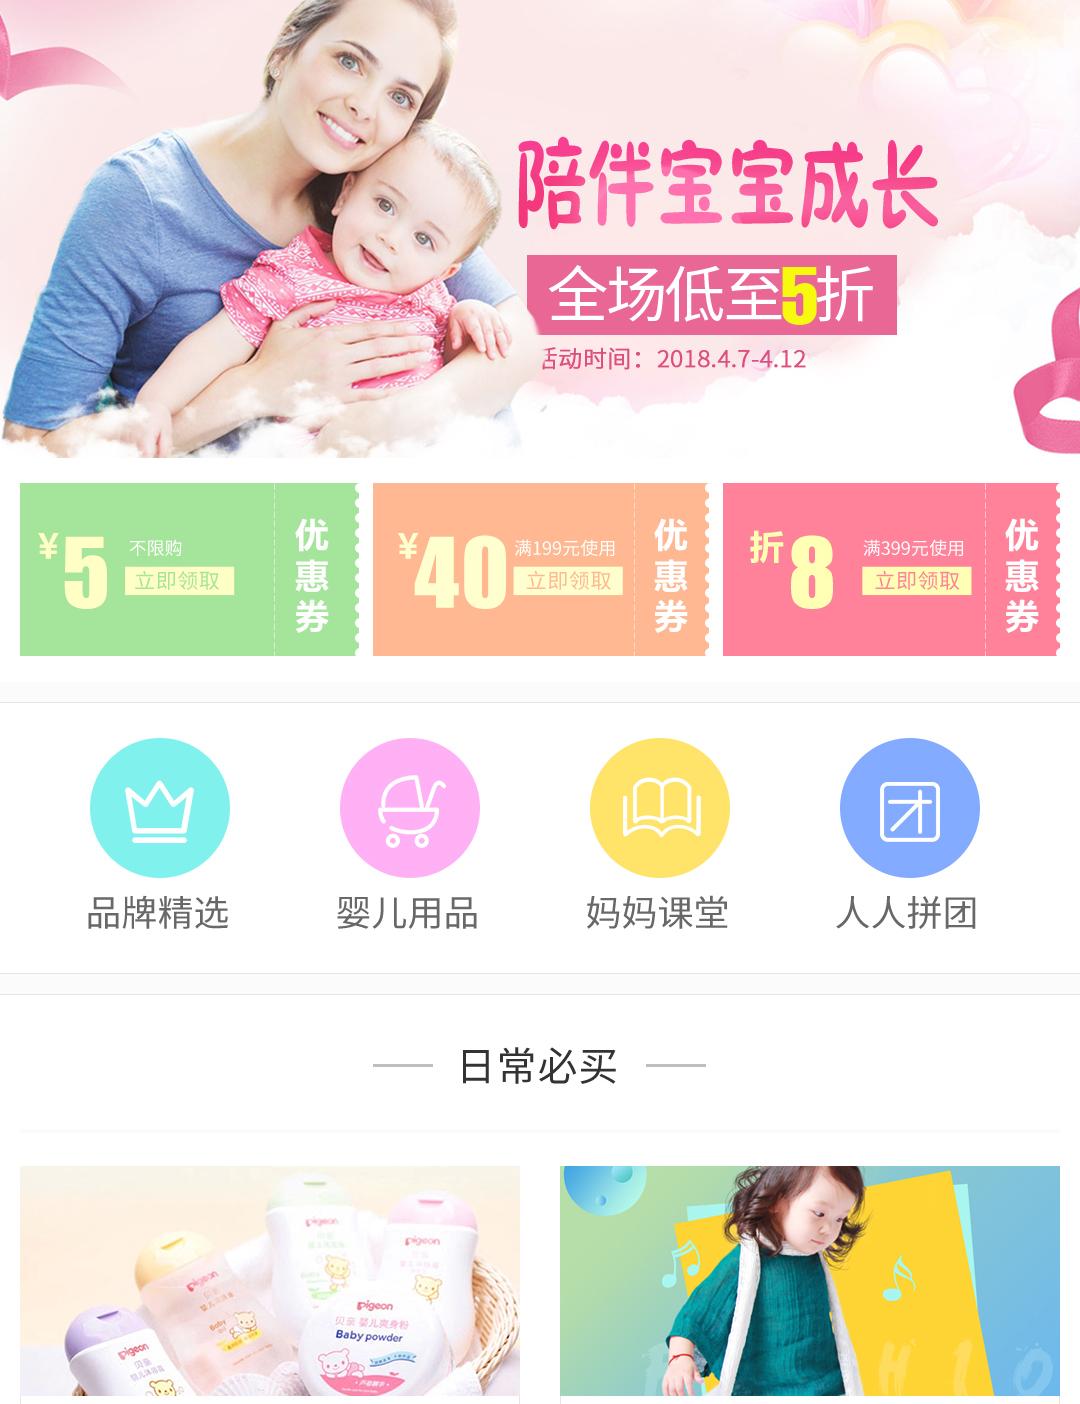 母嬰類微信小程序|母嬰小程序|母嬰行業高級版小程序